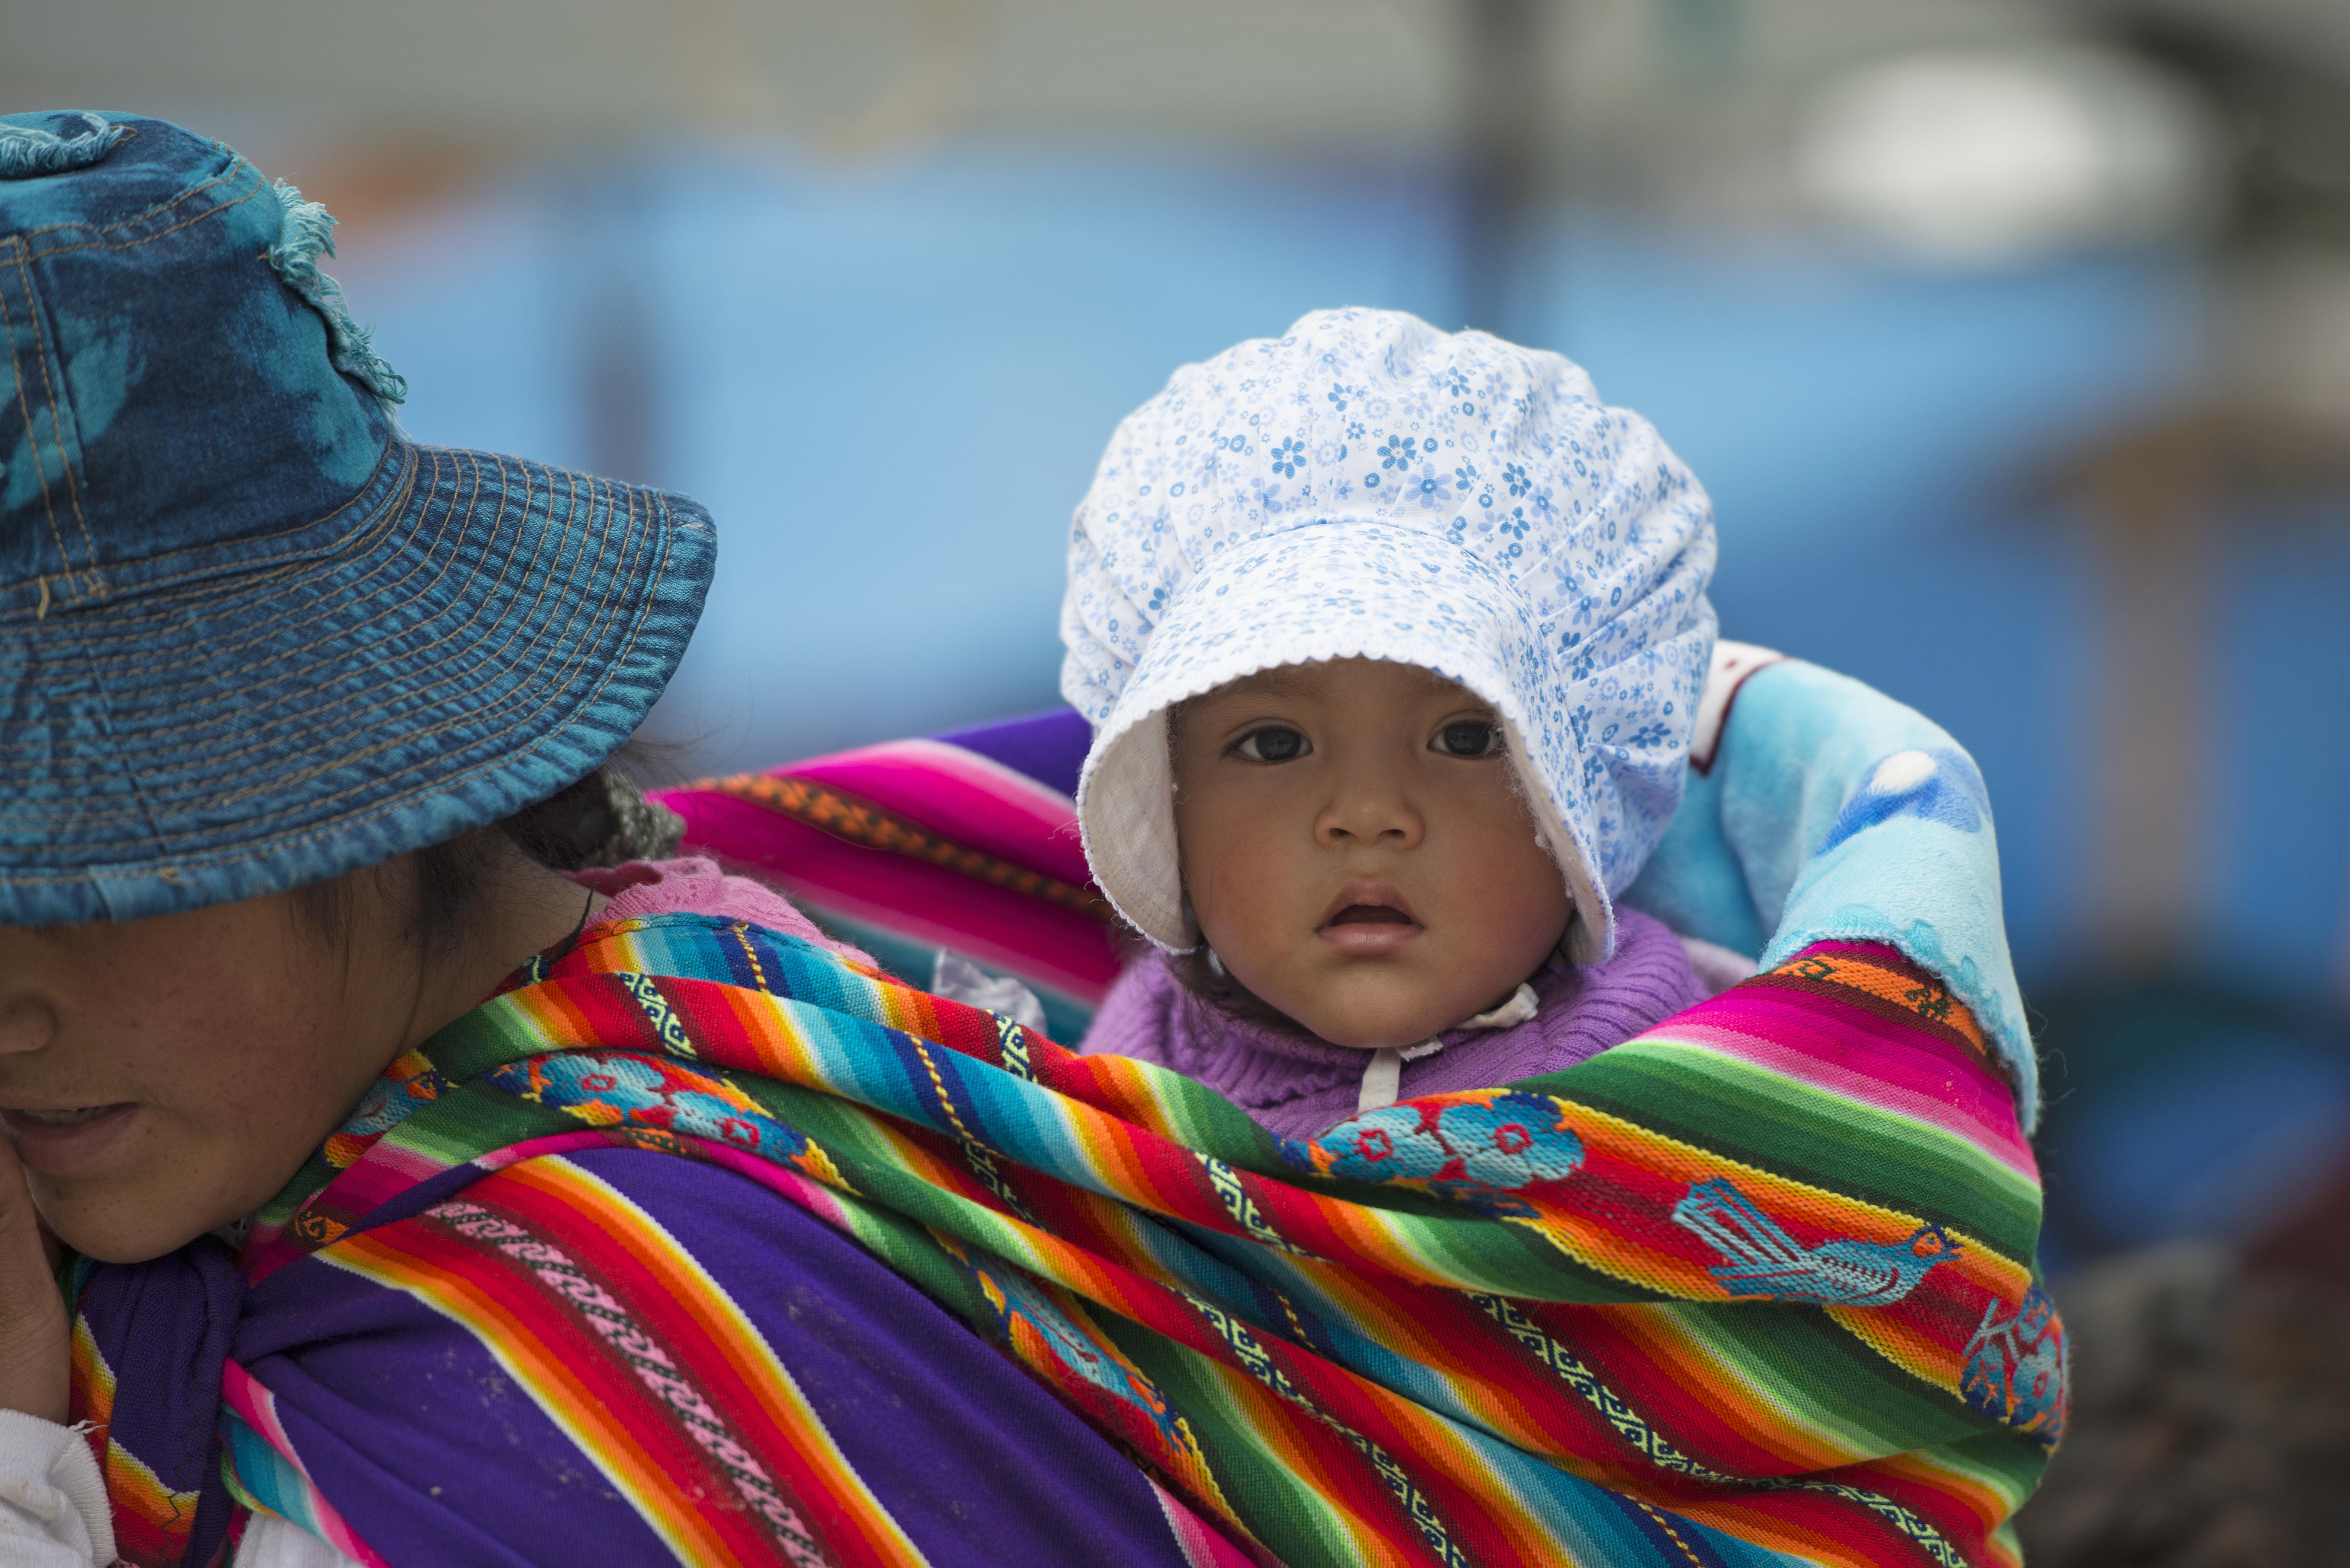 La Paz kiddo